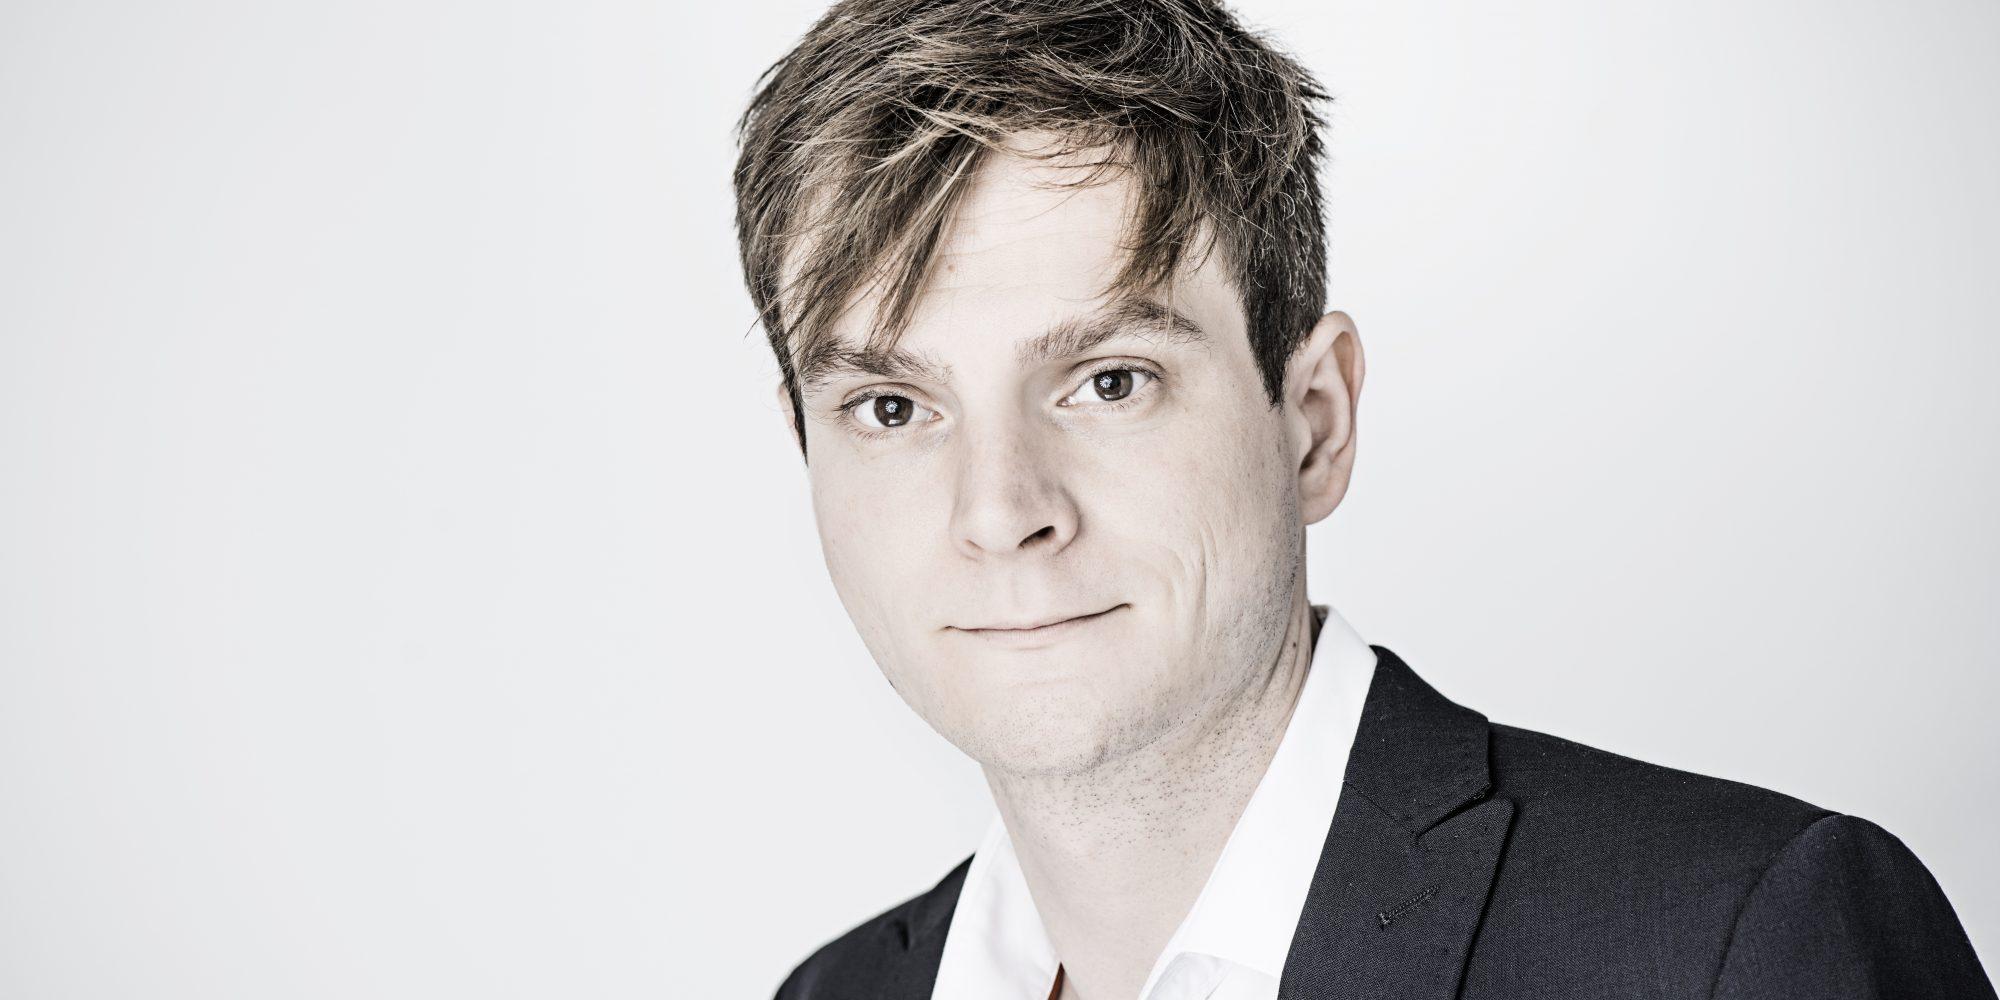 Lucas Schnabel von Styla über Shoppable Content